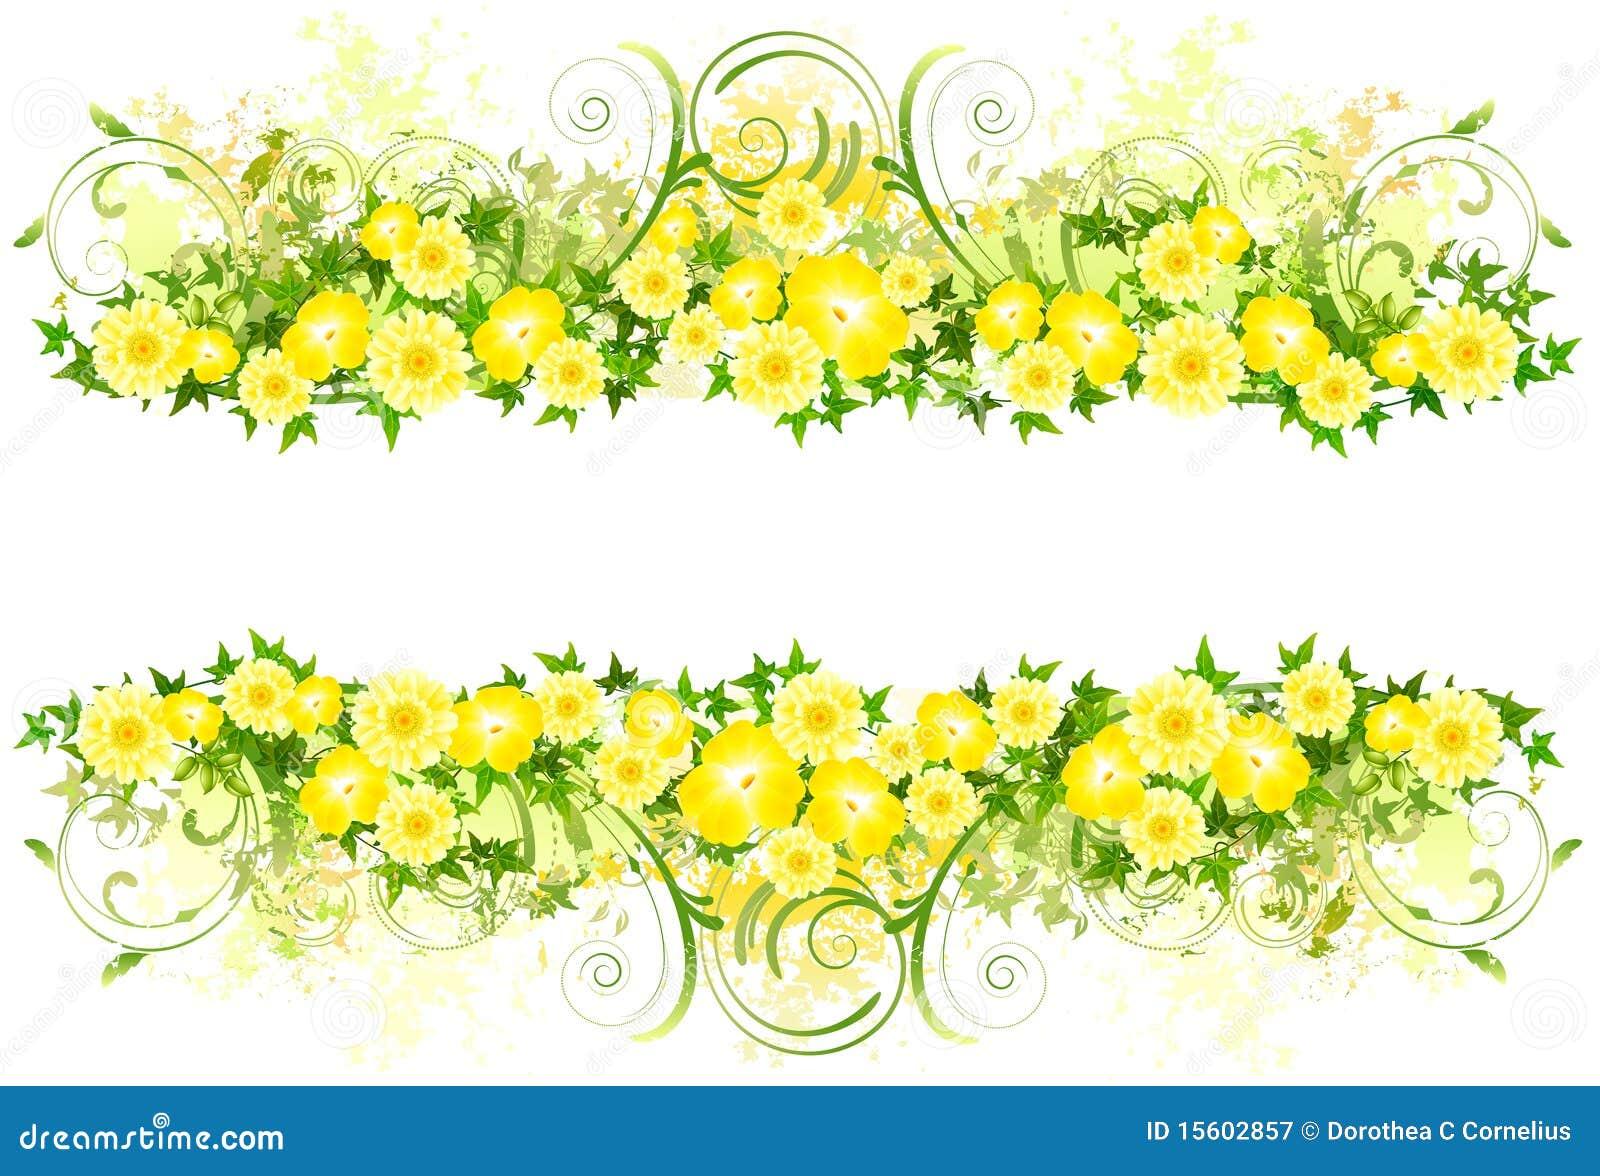 Bloemen decoratie met gele bloemen stock illustratie for Bloemen decoratie